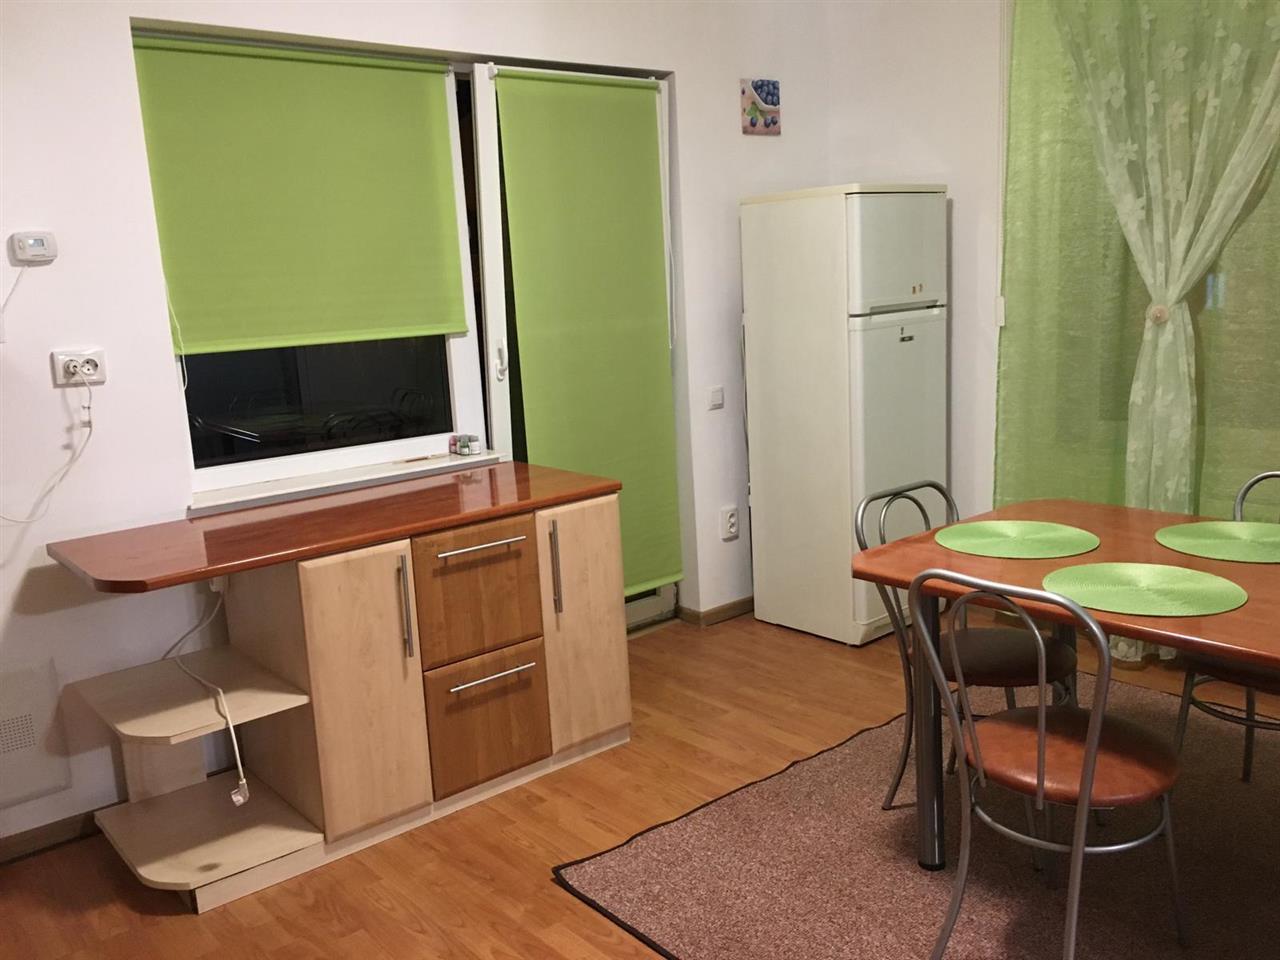 Apartament cu 3 camere, Europa, bloc nou tip vila